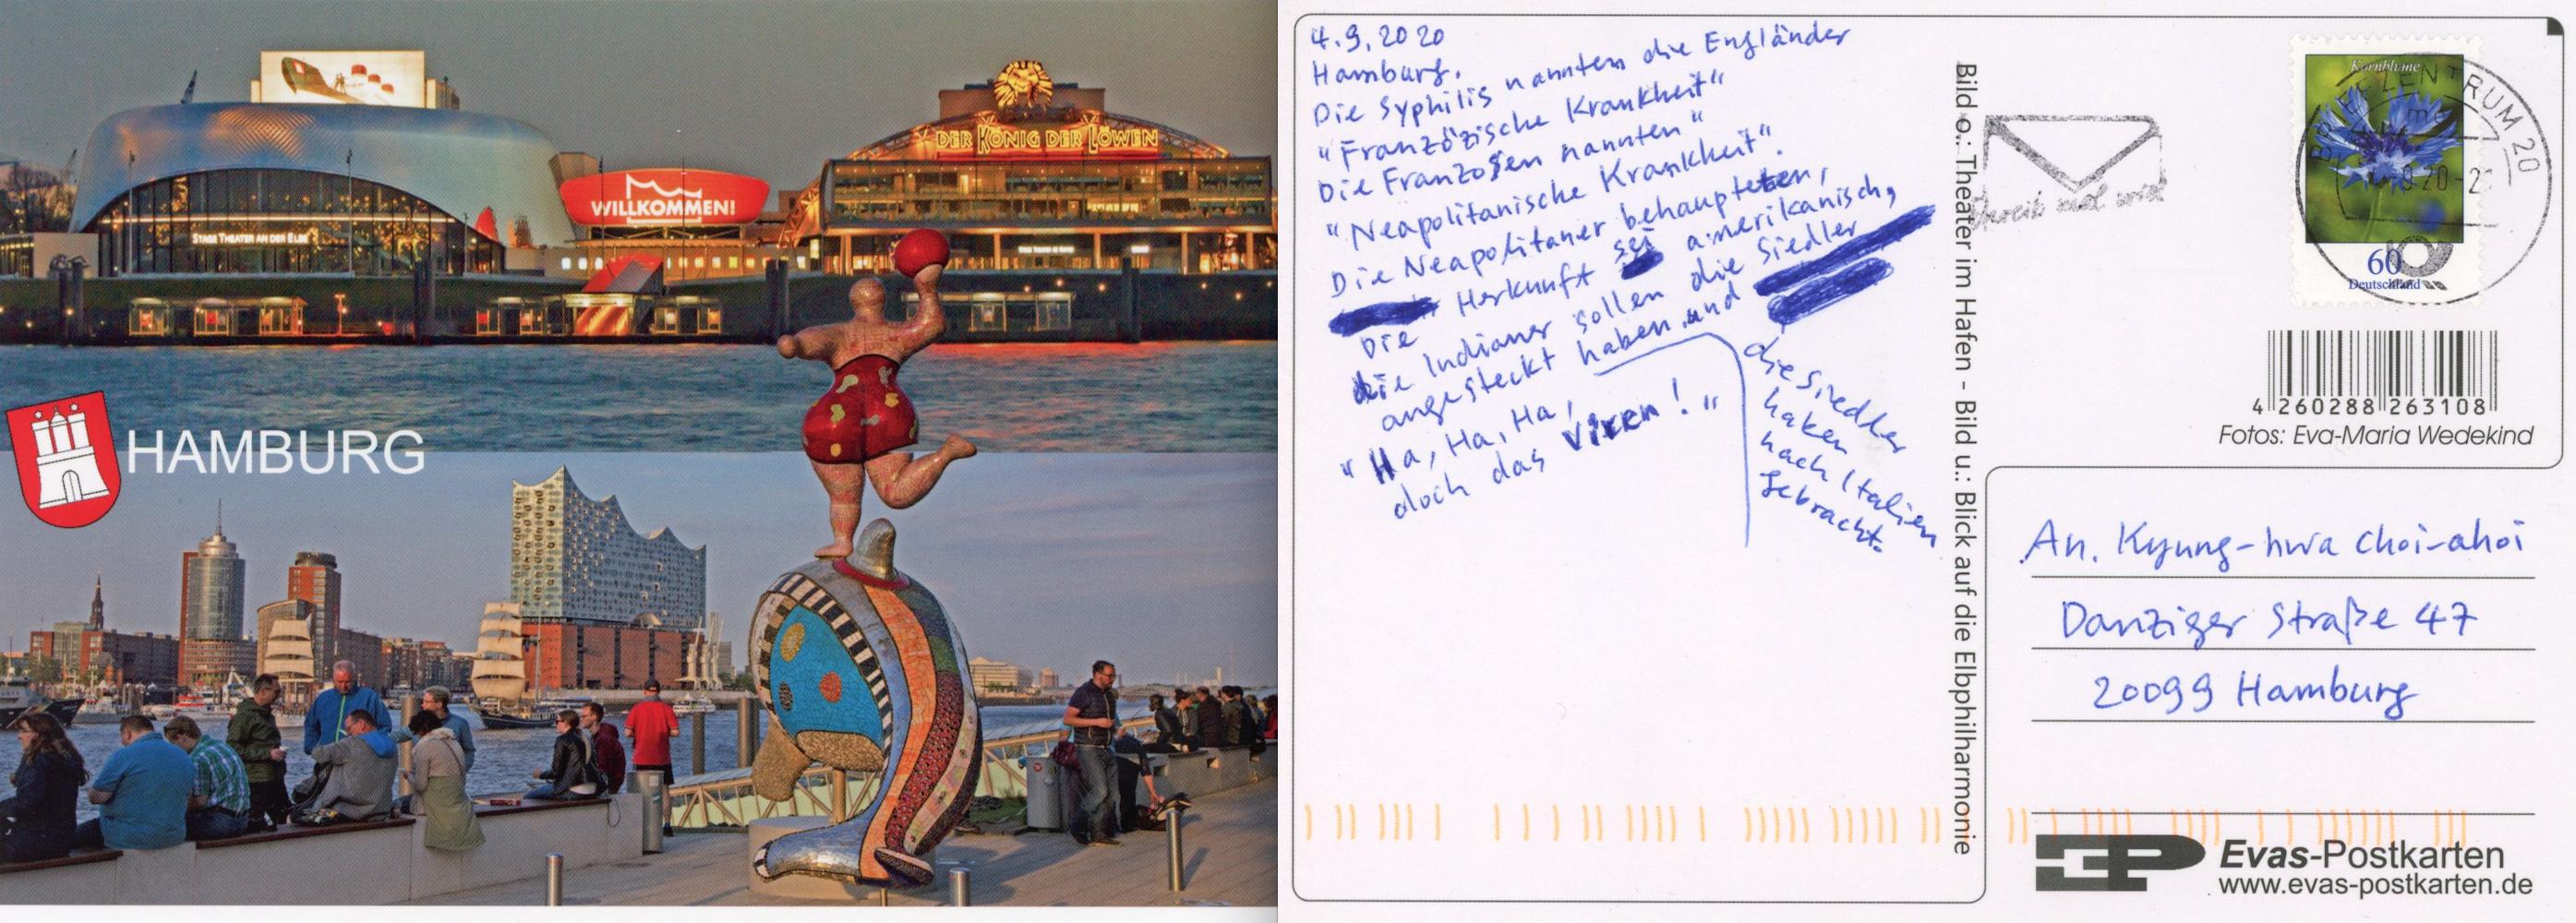 Kyung-hwa Choi-ahoi, Isola, MailArt Projekt mit 37 Ansichtskarten, 4. 9. 2020, Mischtechnik auf Postkarte, 15 x 10 cm